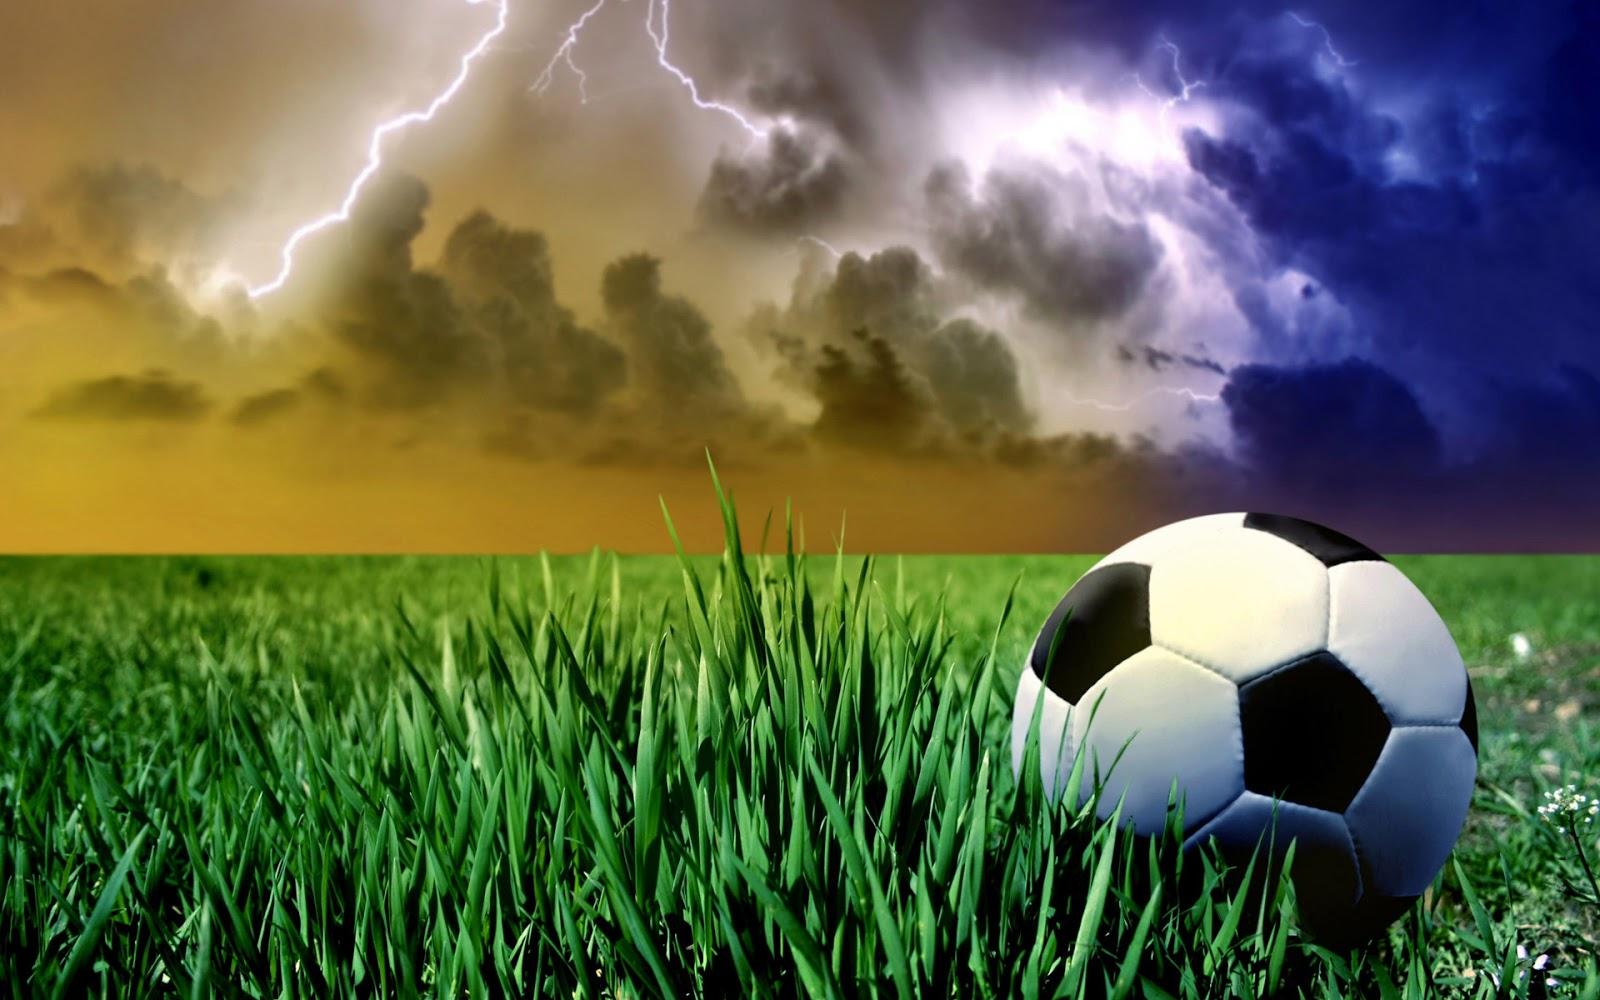 http://2.bp.blogspot.com/-81oUWx1dhFs/UVhQutkacKI/AAAAAAAAXiY/27MnJzlFNZ8/s1600/football-wallpaper-15.jpg